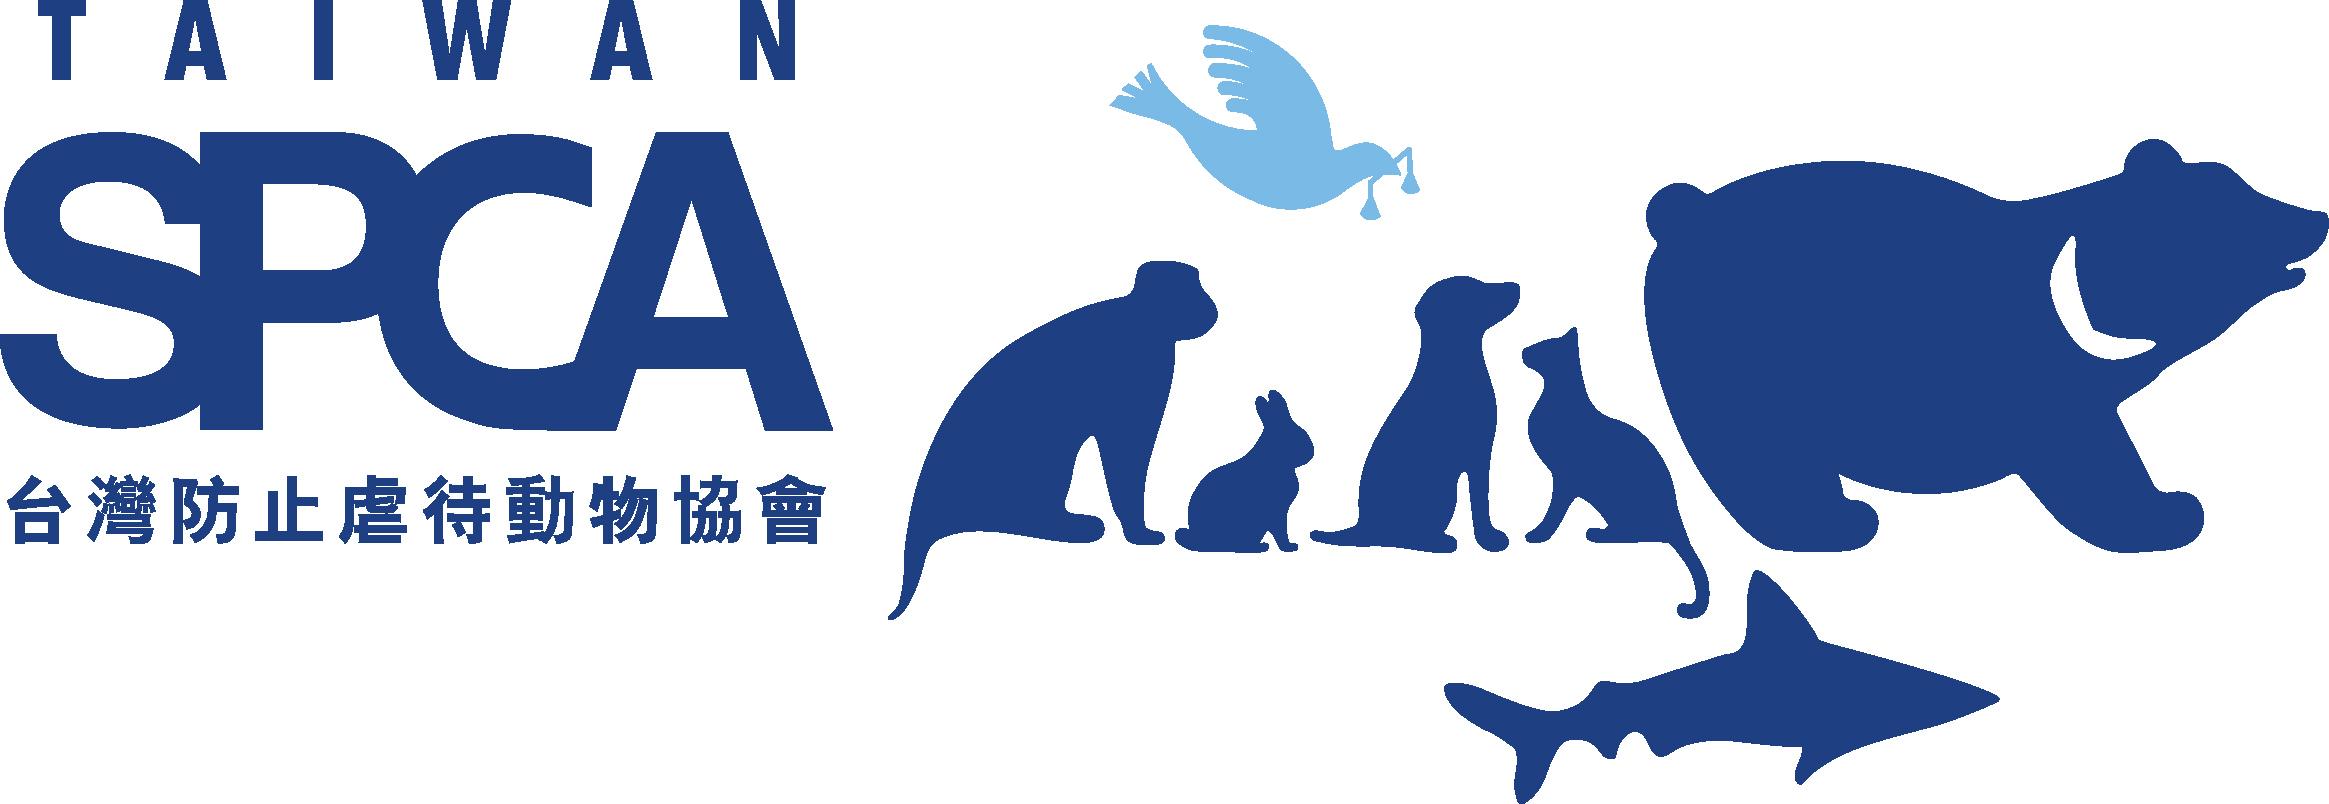 台灣防止虐待動物協會